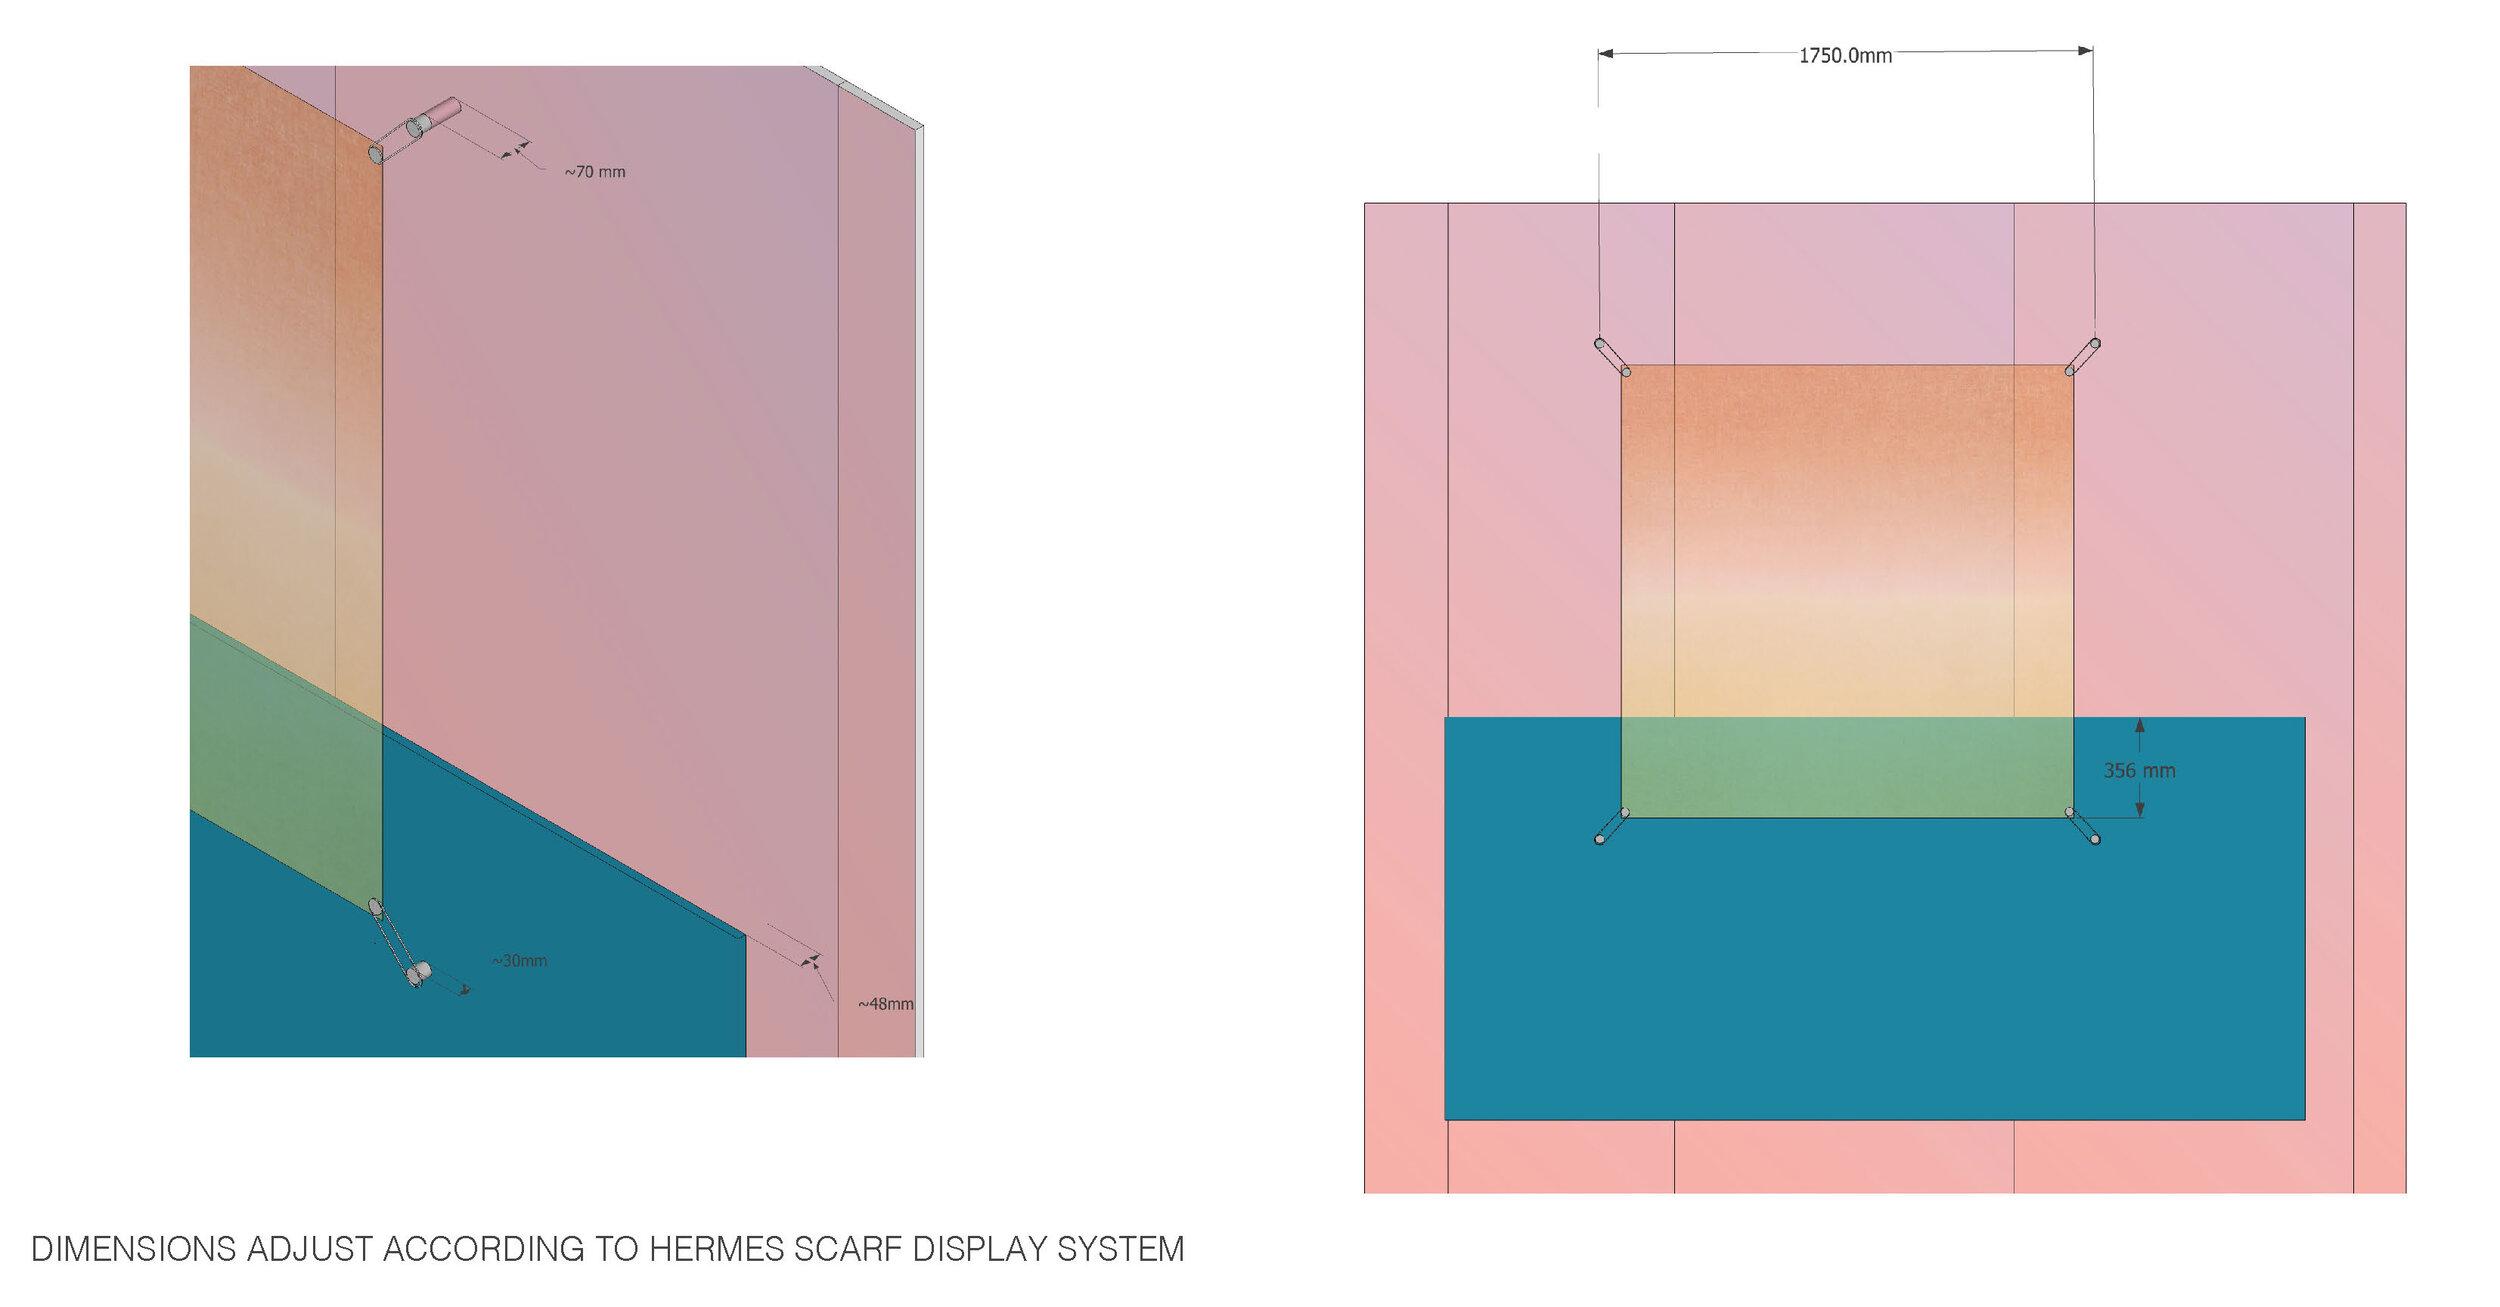 Hermès_Dimensions_Window 3_Revised_Page_2.jpg